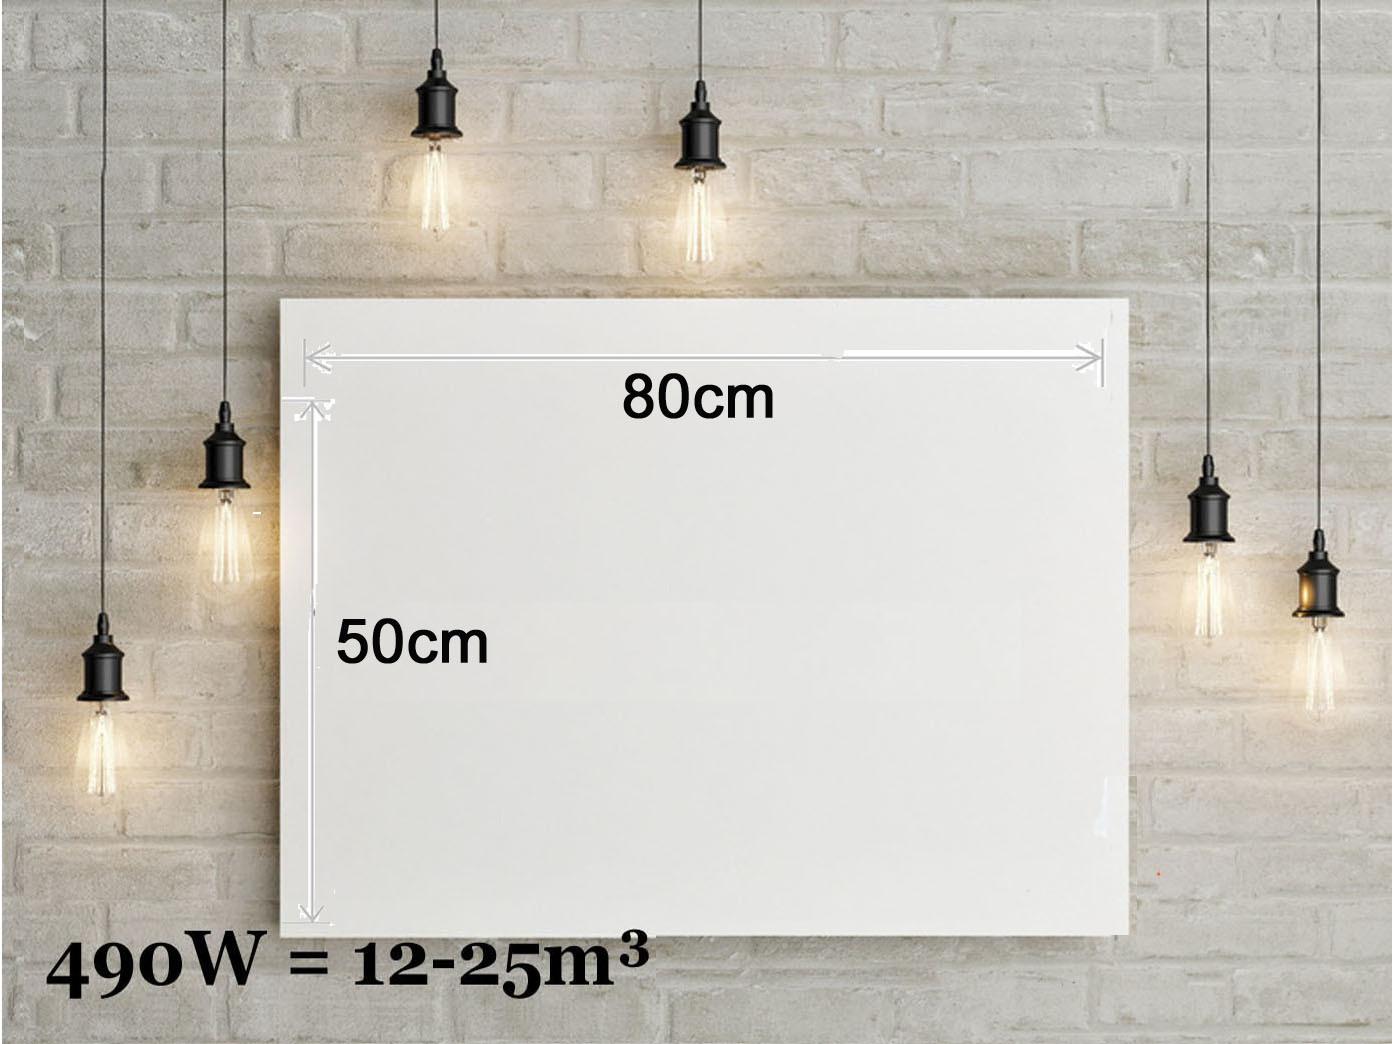 Infrarotheizung, Elektroheizung 490W, 80x50 cm, Hochglanz weiß, Vitalheizung